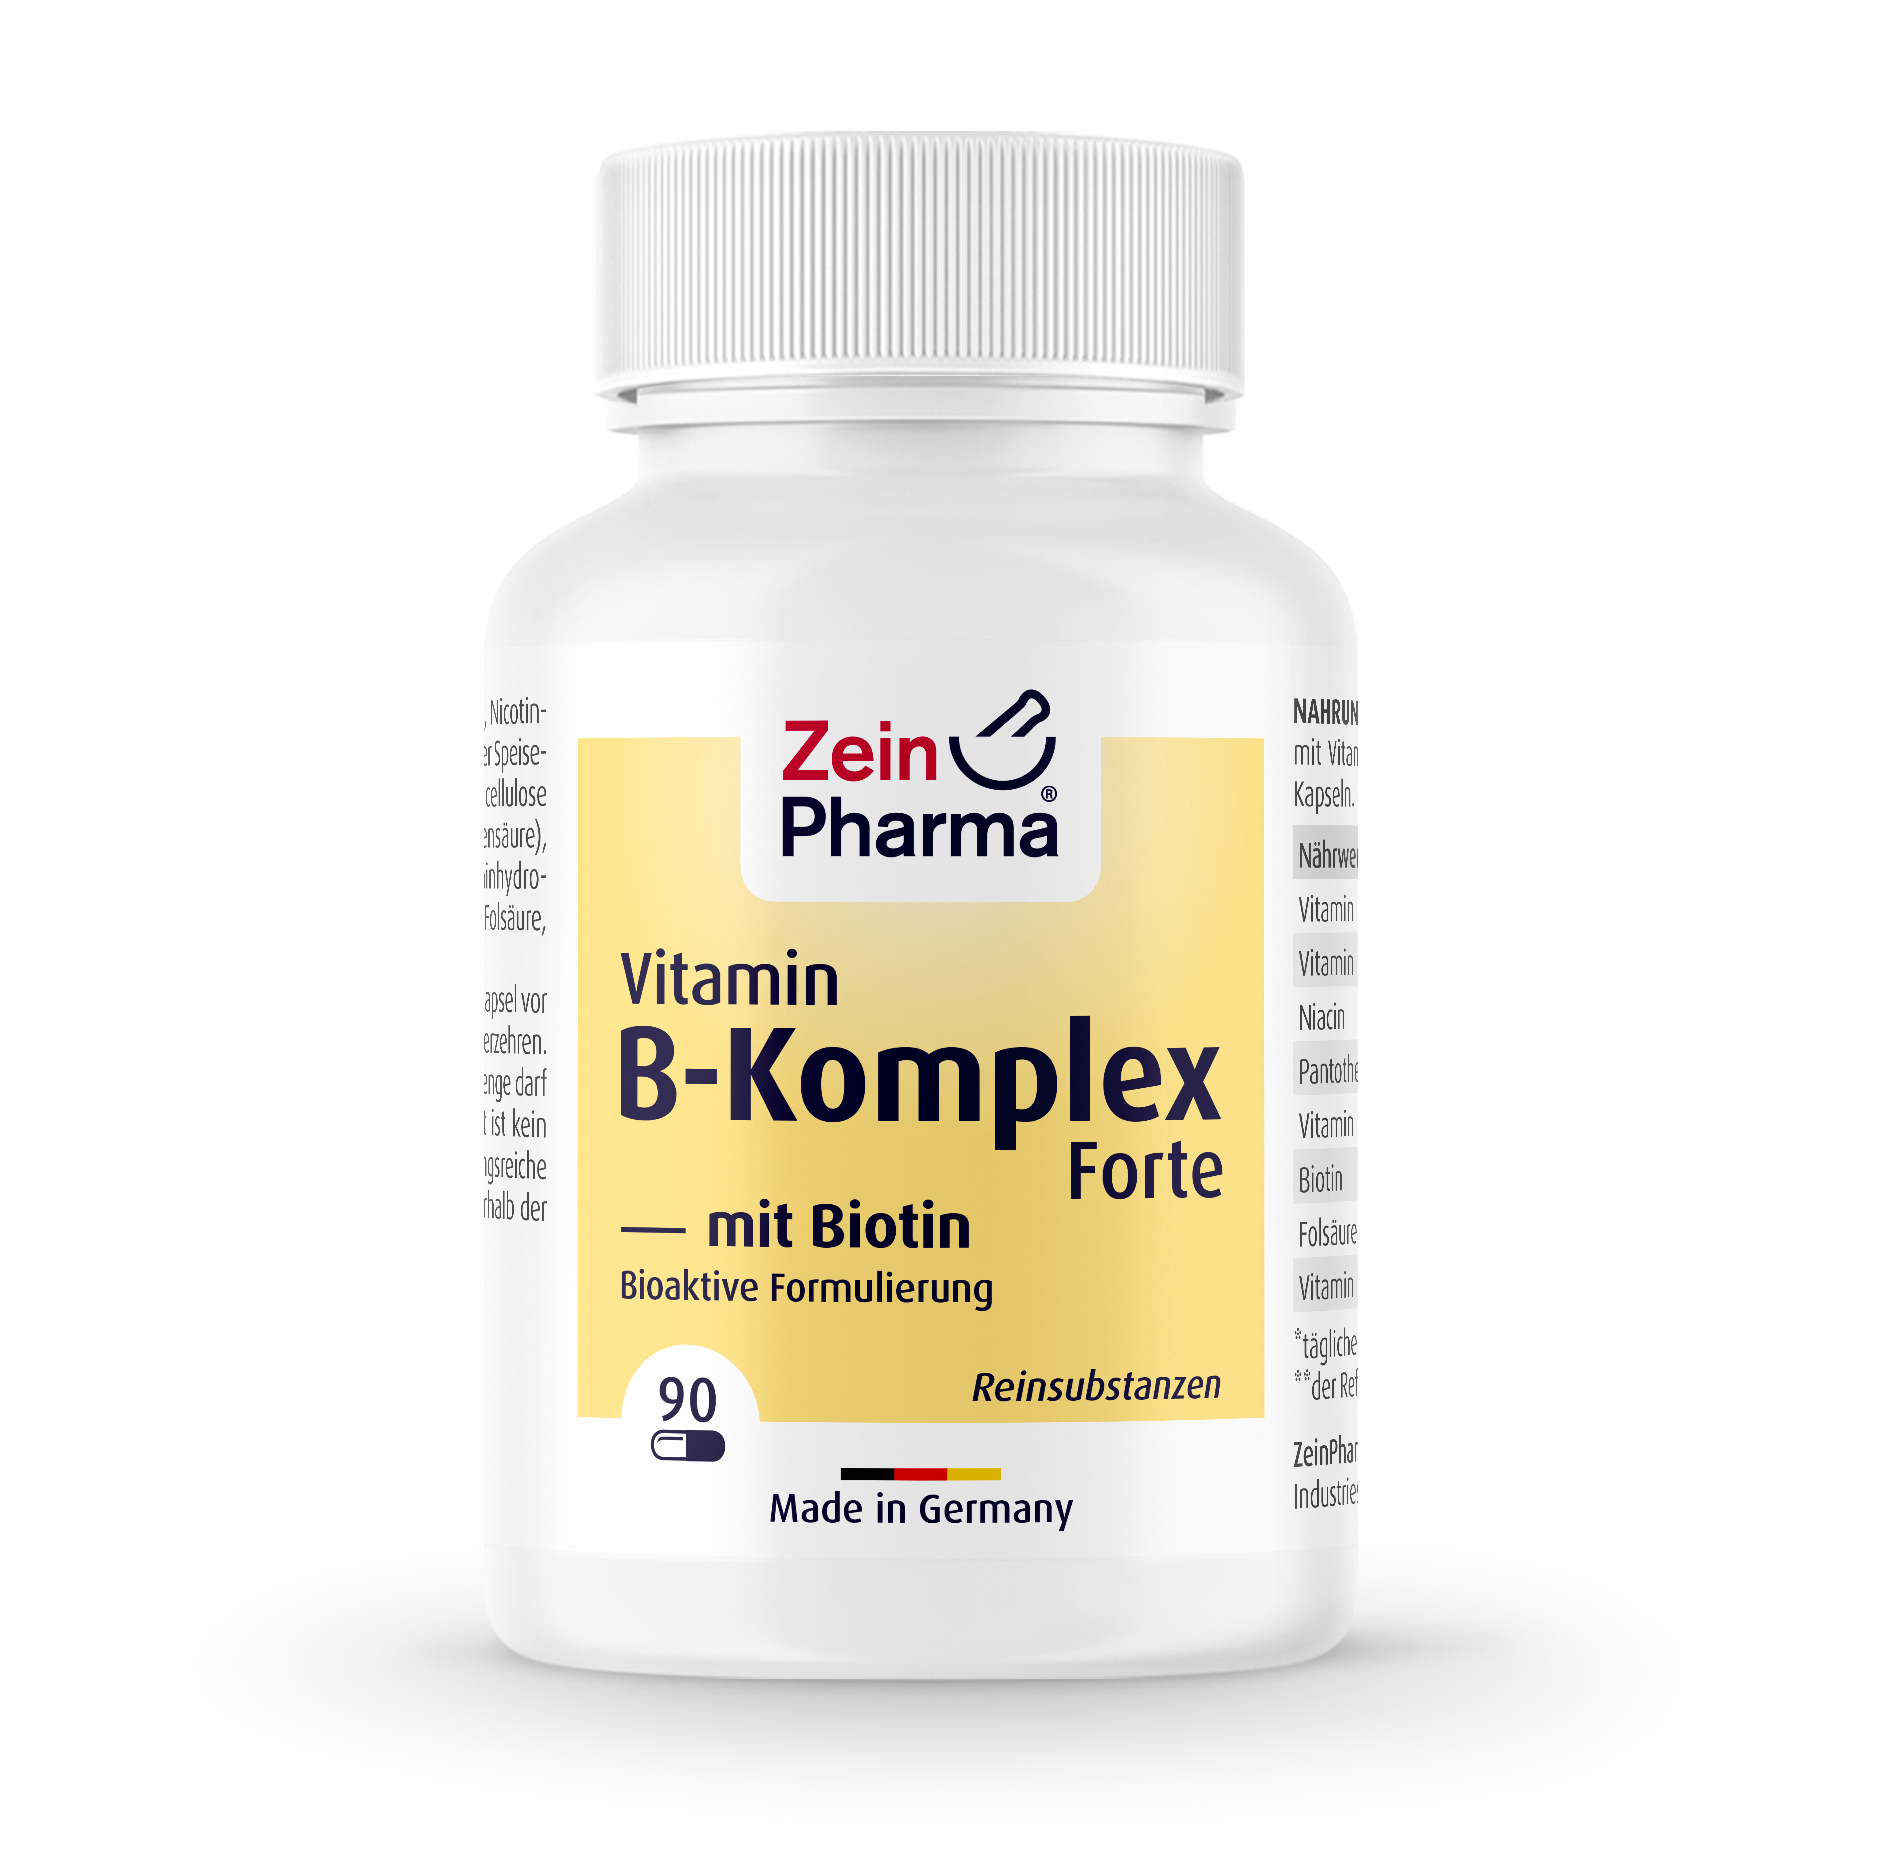 Vitamin B Complex Forte + Biotin Capsules